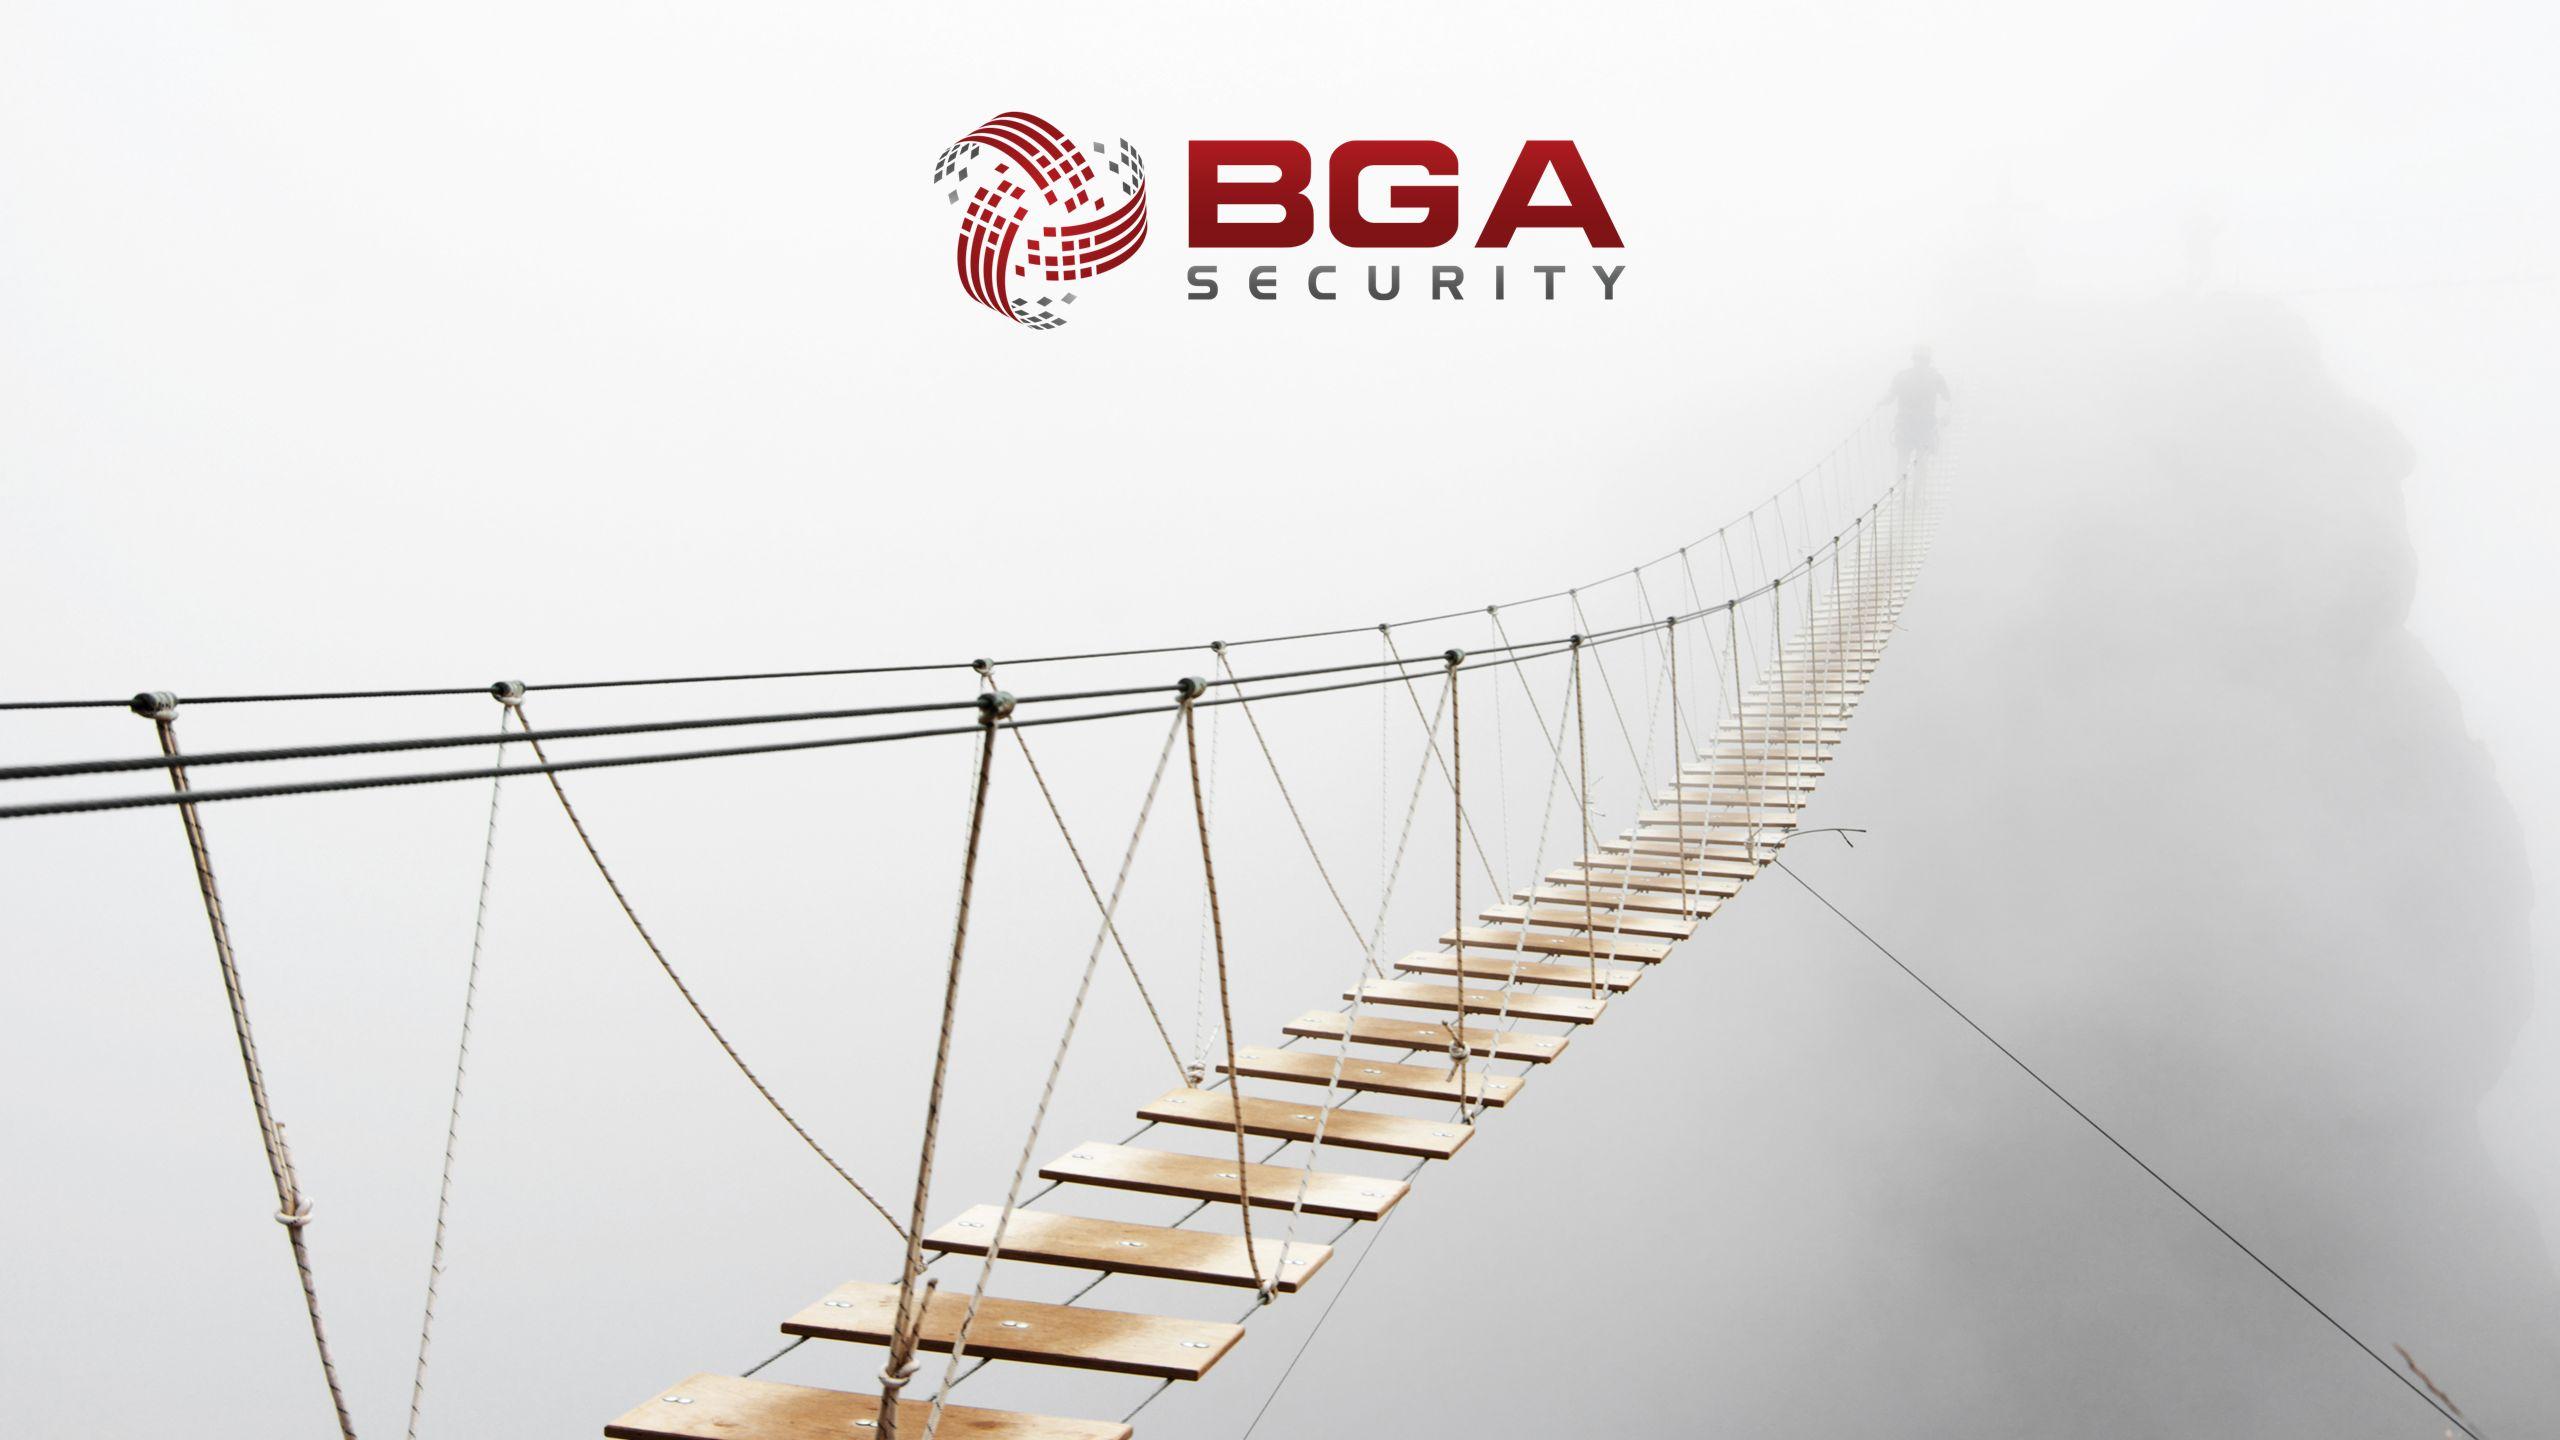 2 Siber güvenlik dünyasına yönelik, yenilikçi profesyonel çözümleri ile katkıda bulunmak amacı ile 2008 yılında kurulan BGA Bilgi Güvenliği A.Ş.